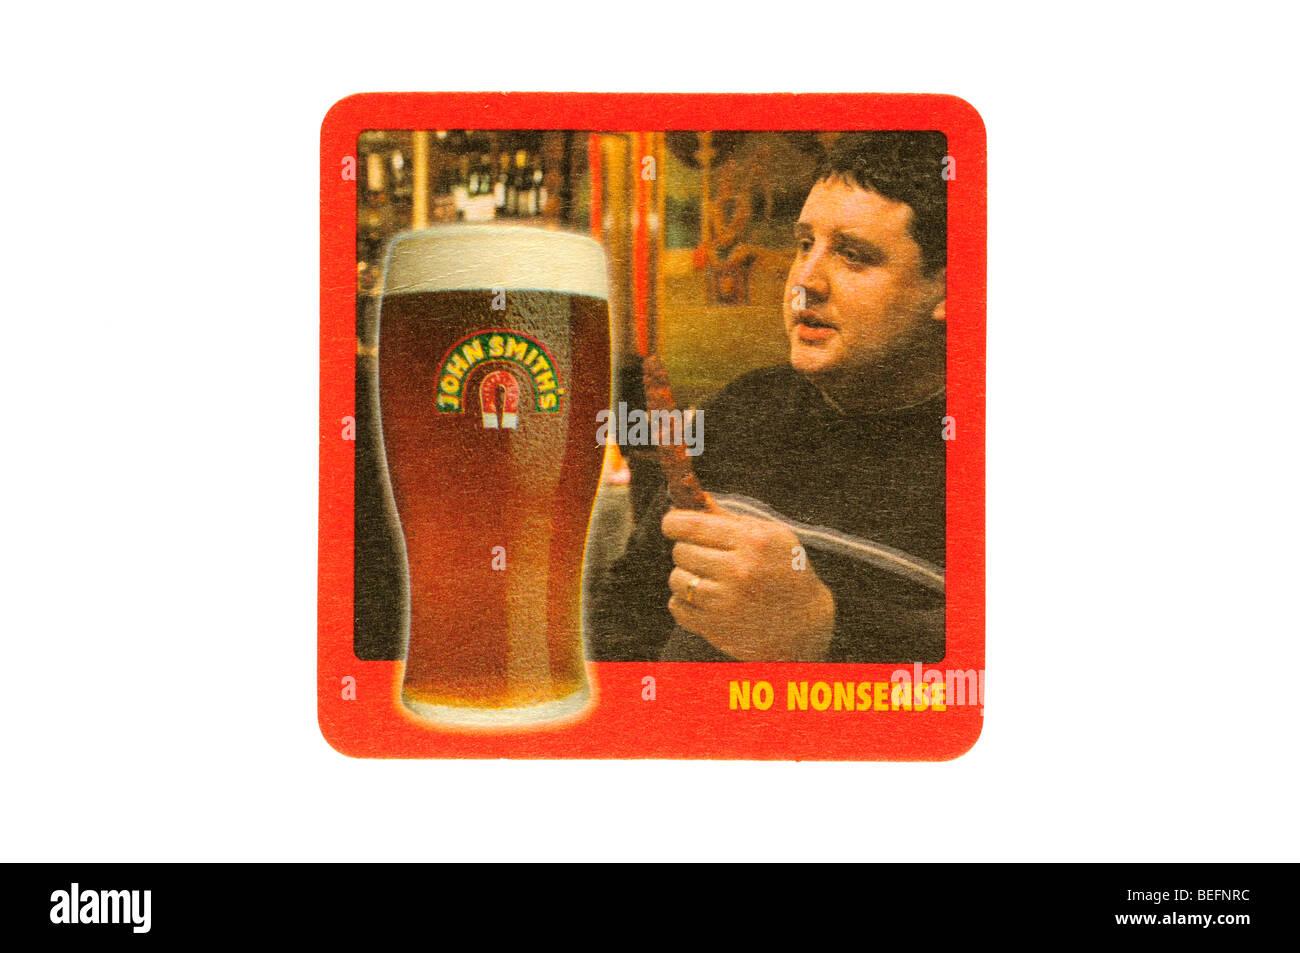 John smiths no nonsense peter kay Photo Stock